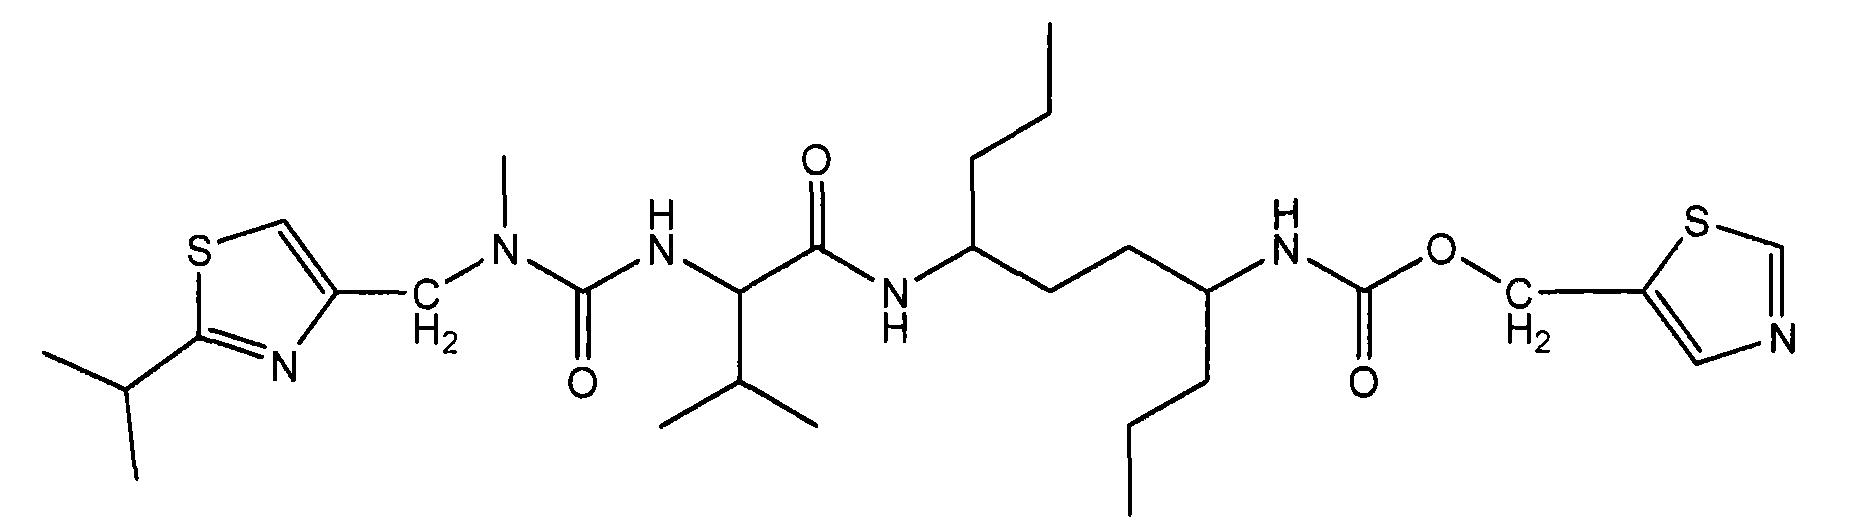 Figure CN101490023BD00831